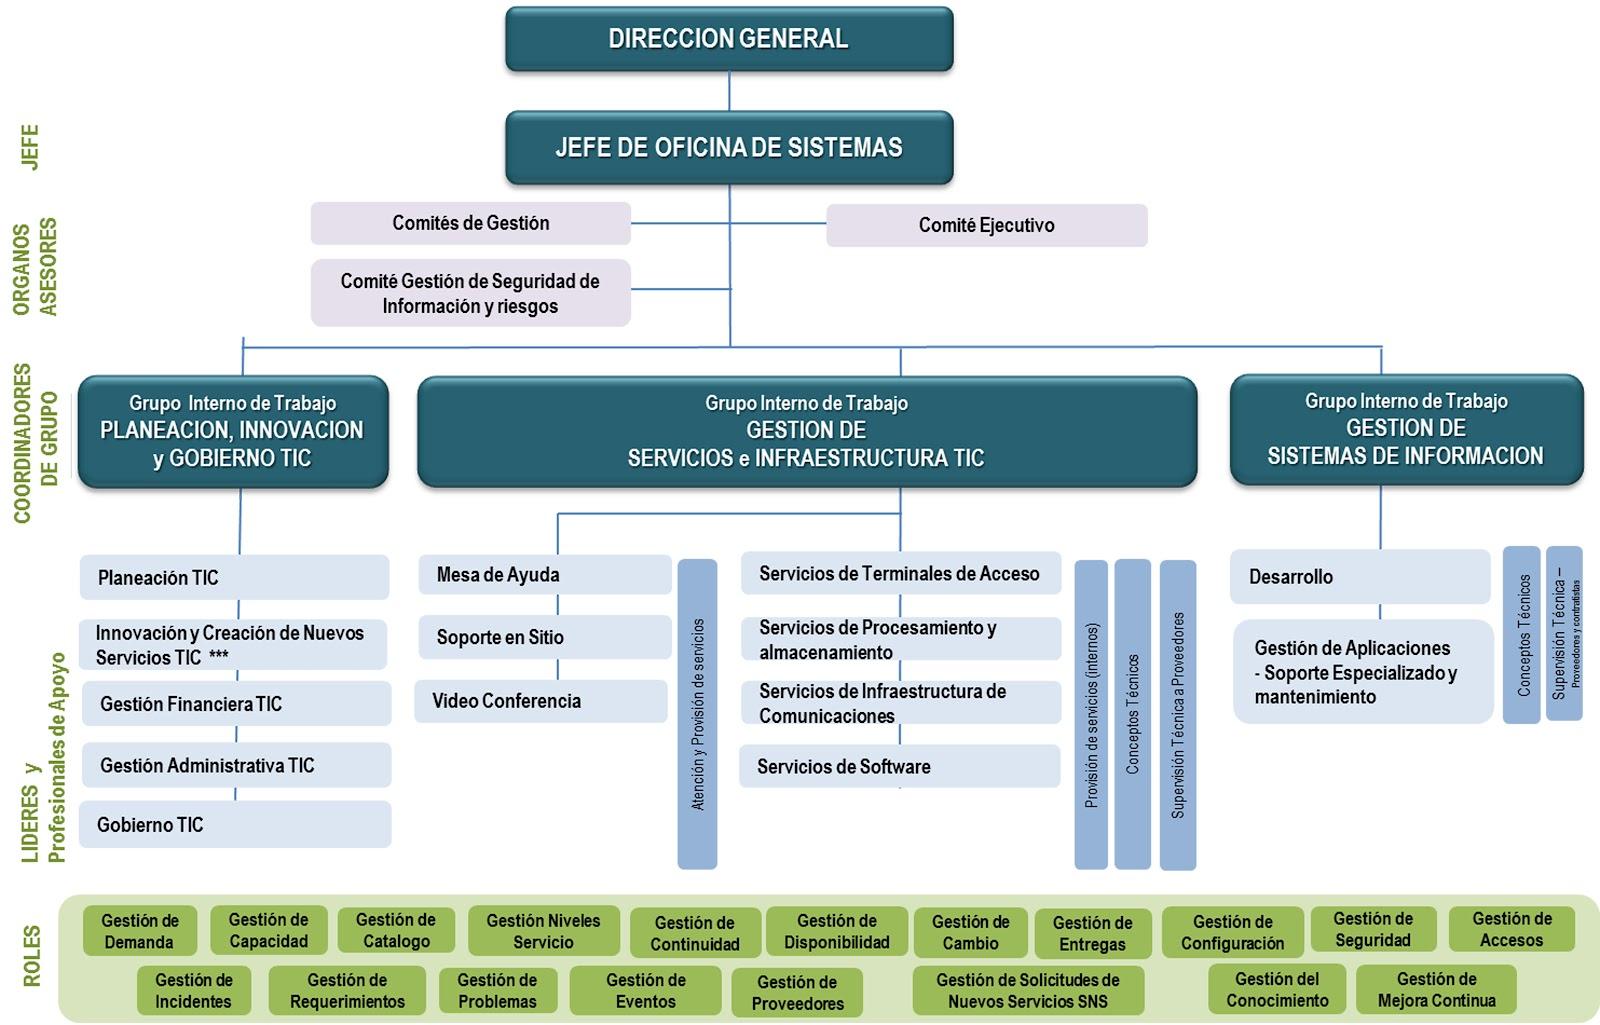 Oficina de sistemas oficina de sistemas for Direccion de la oficina